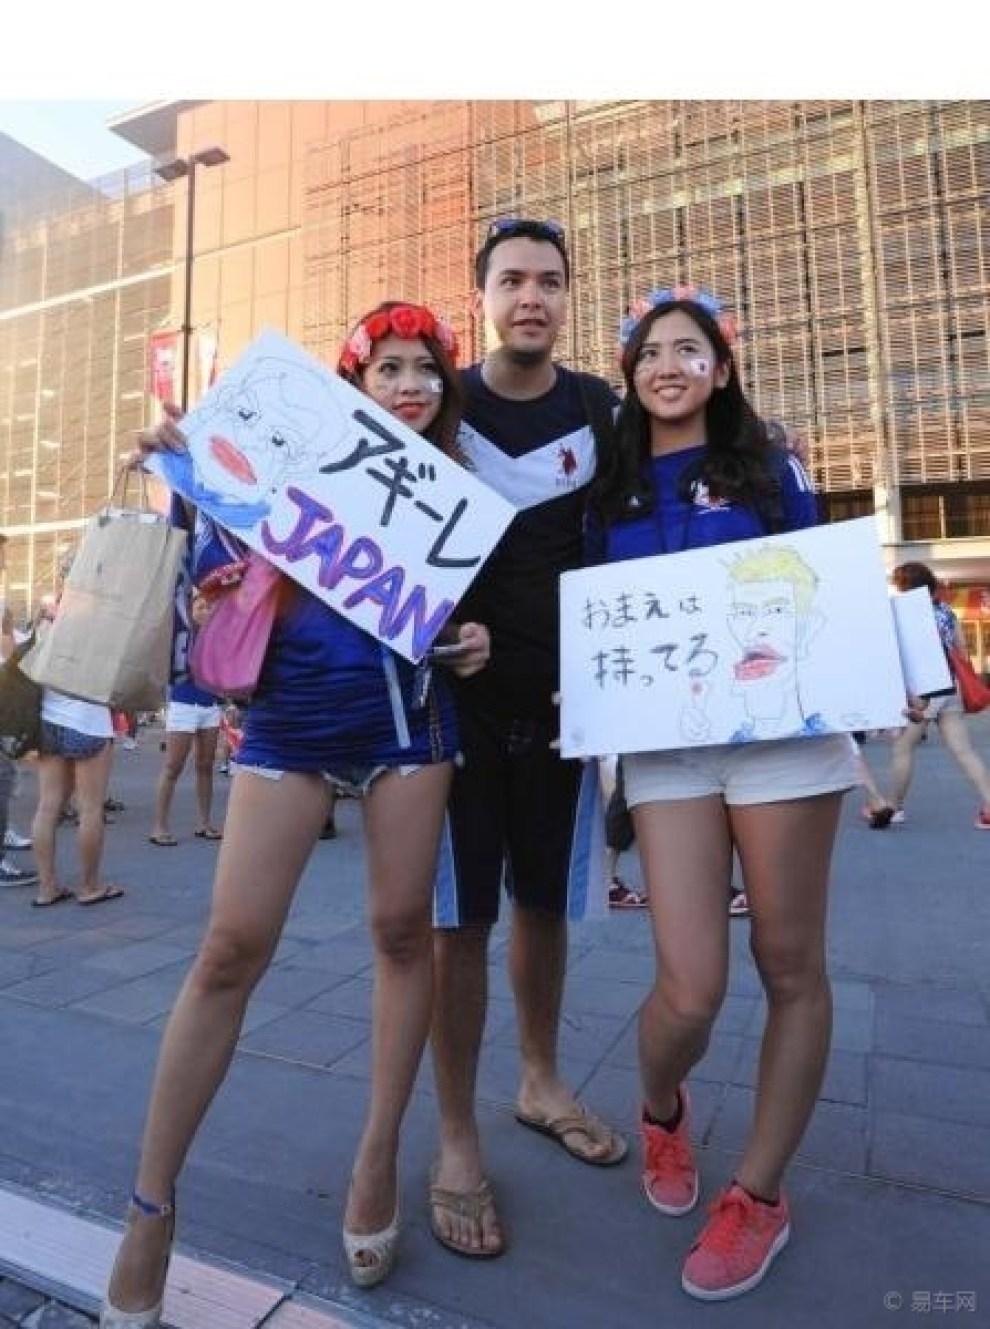 【日本美女泳镜娇俏可爱131】_易车泳装大联美女球迷足球图片